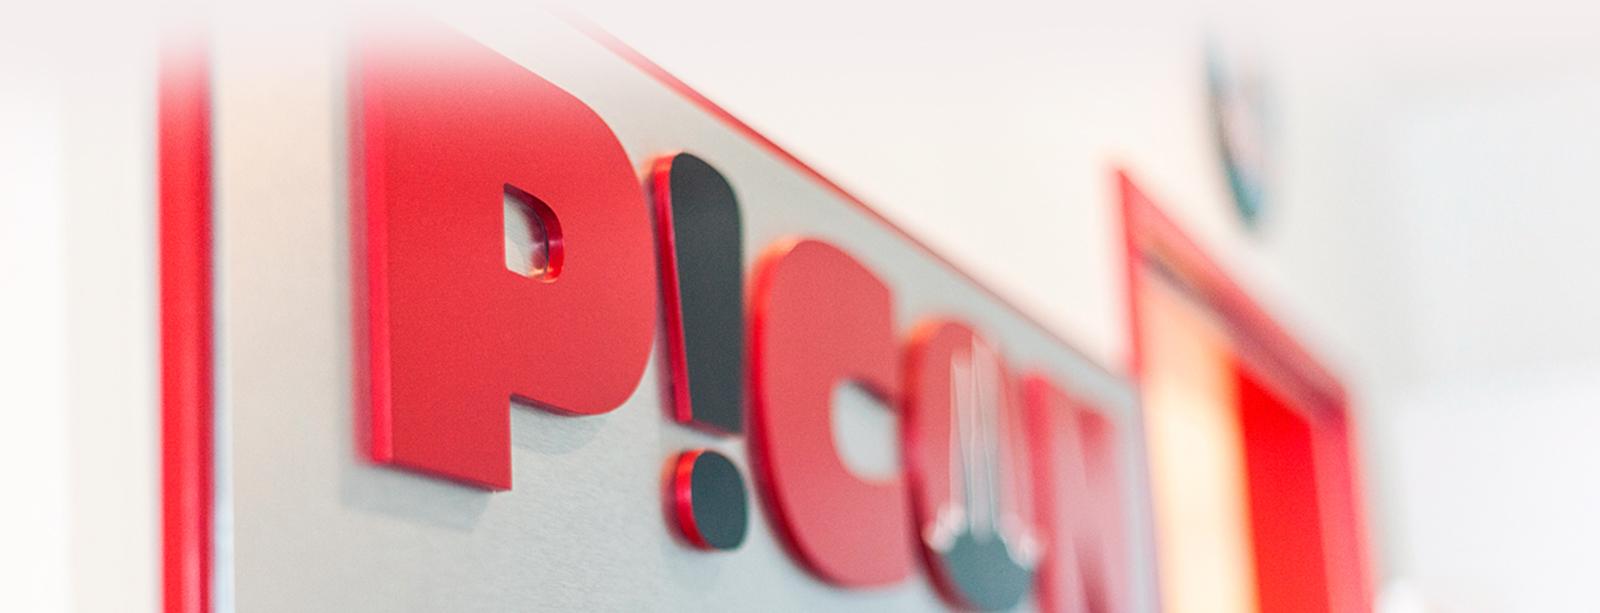 Picon GmbH